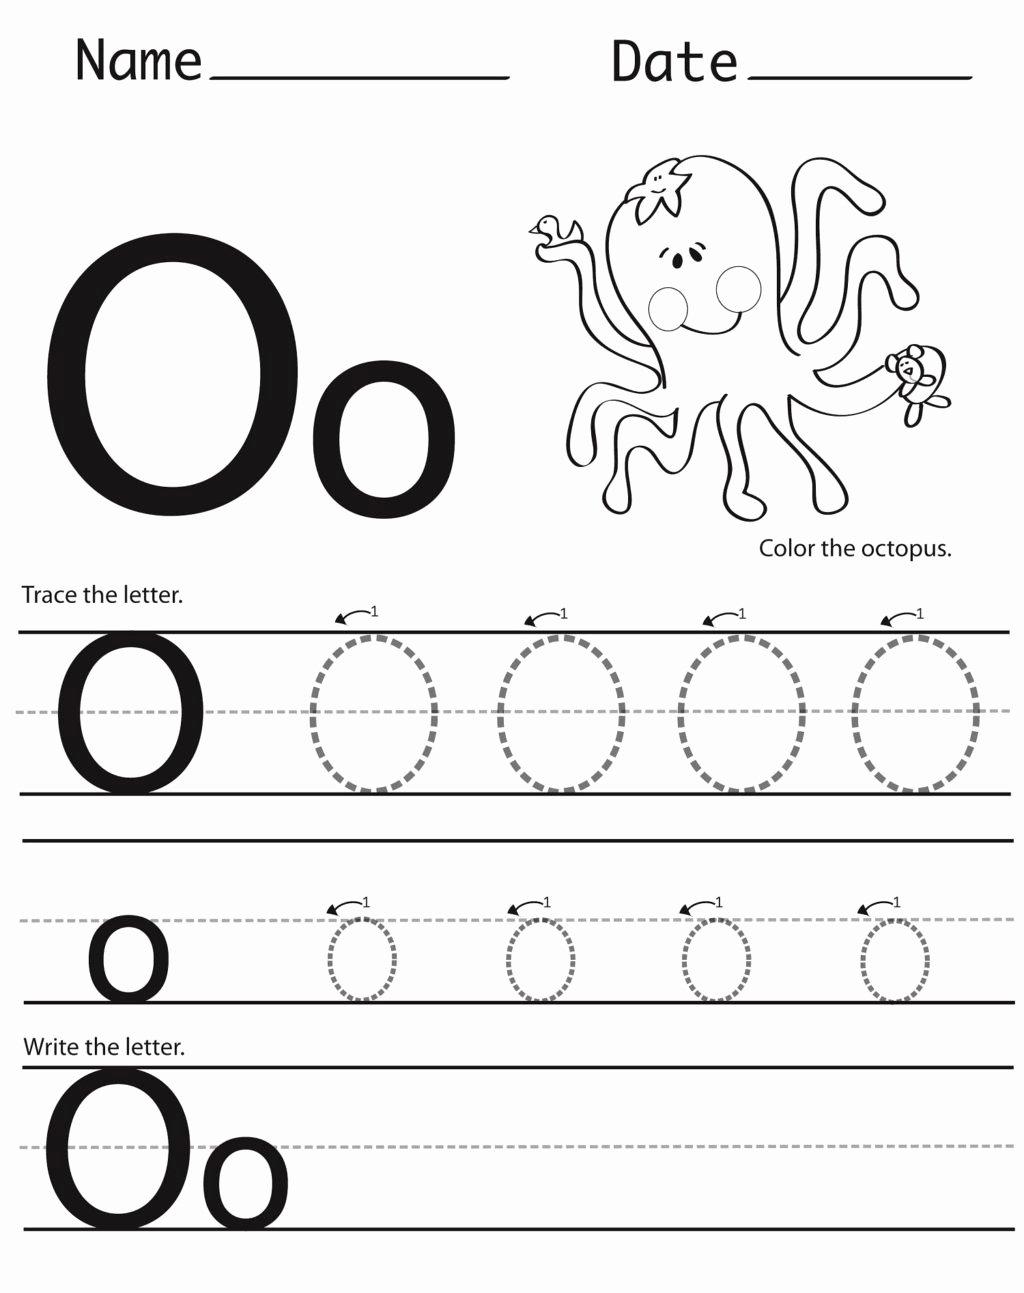 Letter O Worksheet for Kindergarten Inspirational Worksheet Worksheet O Worksheets for Kindergarten Long